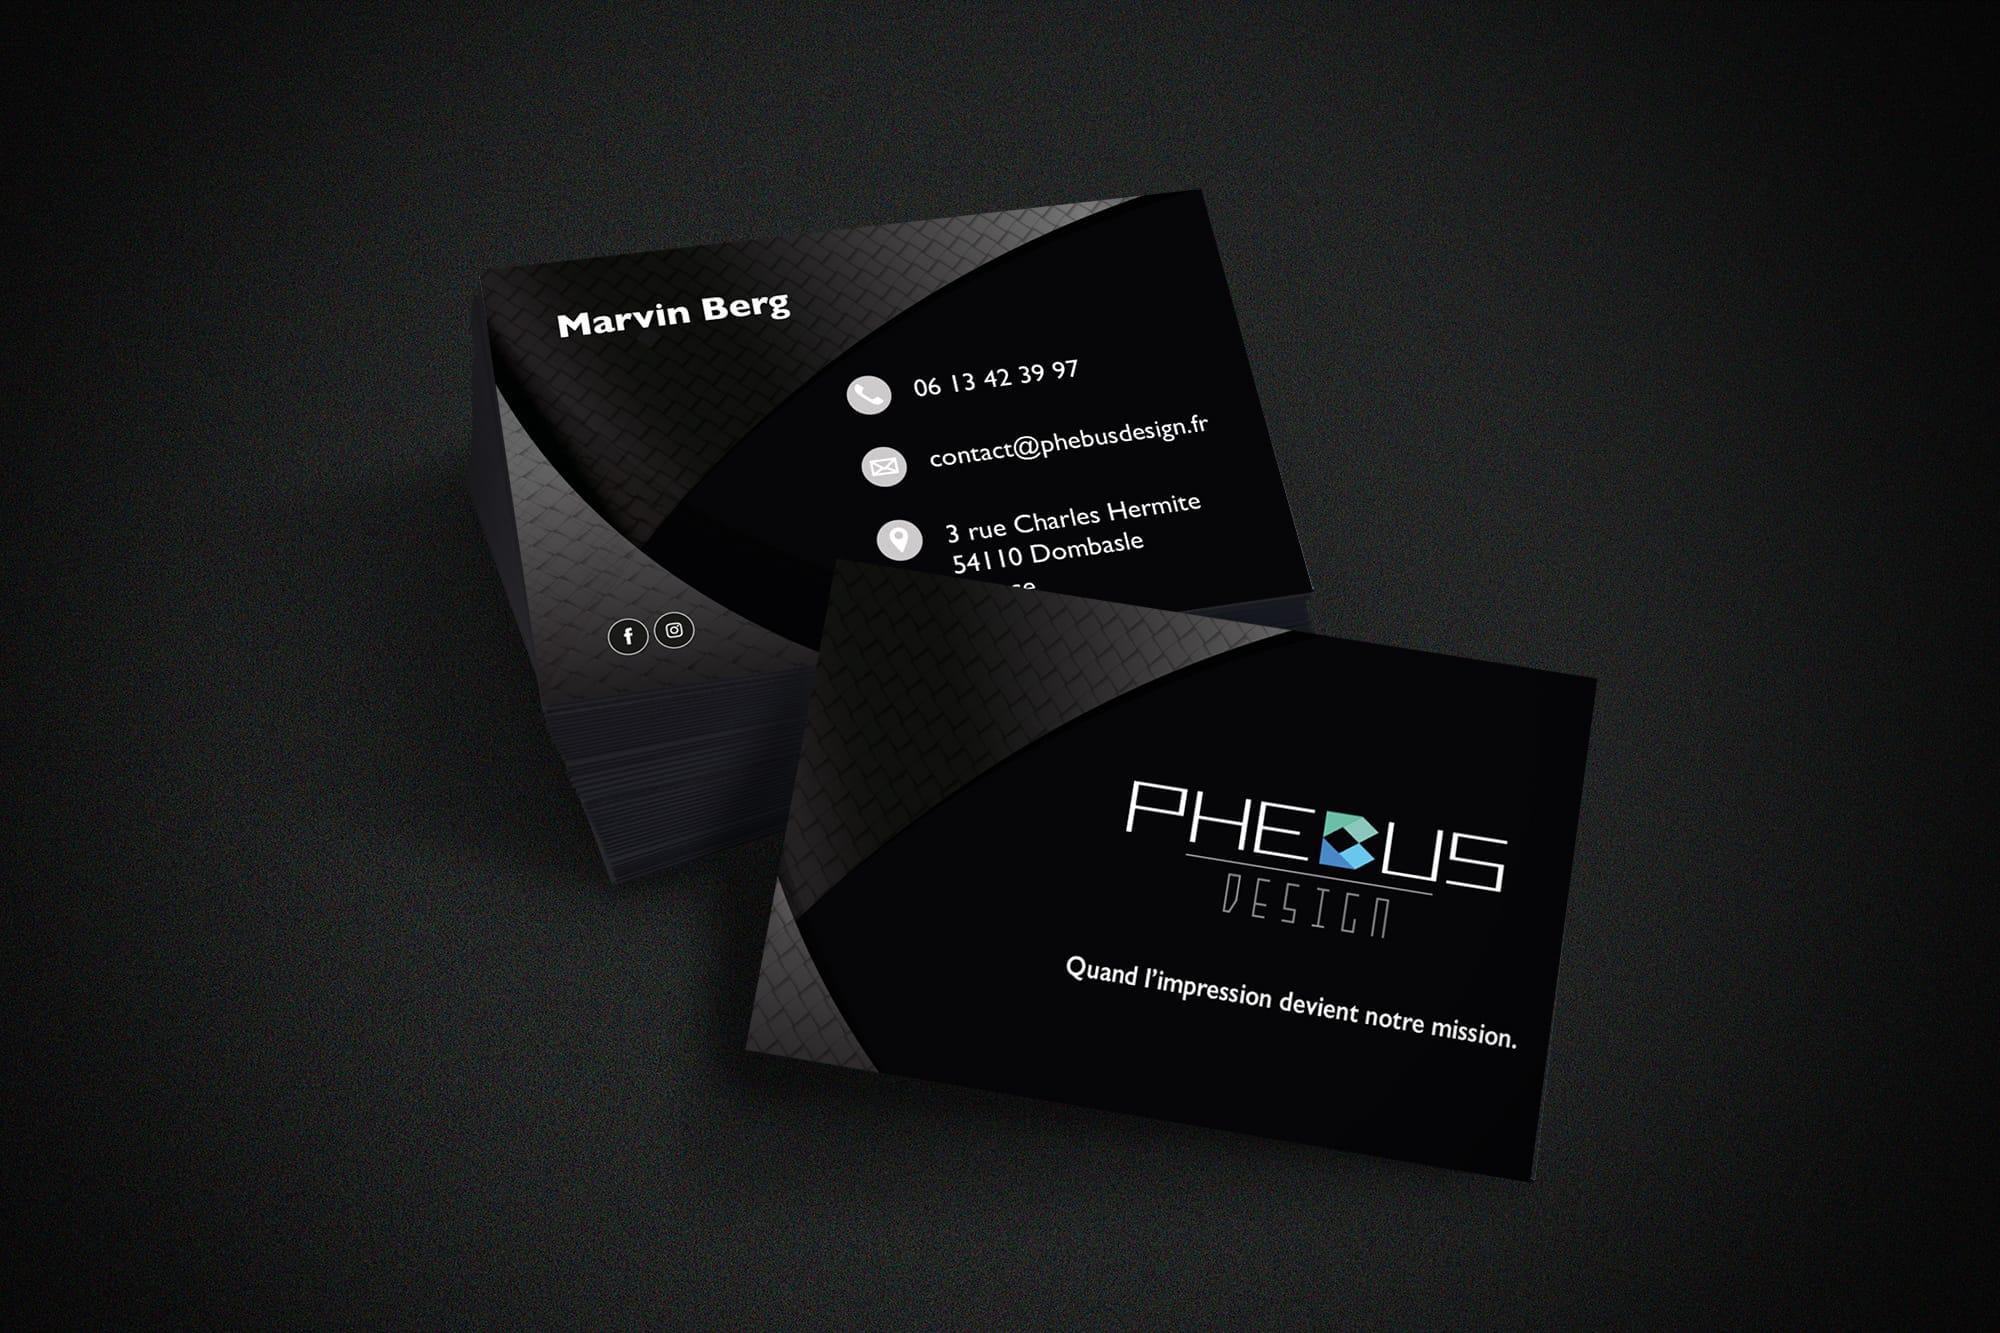 Carte de visite noir phebus design sbcom steven berg